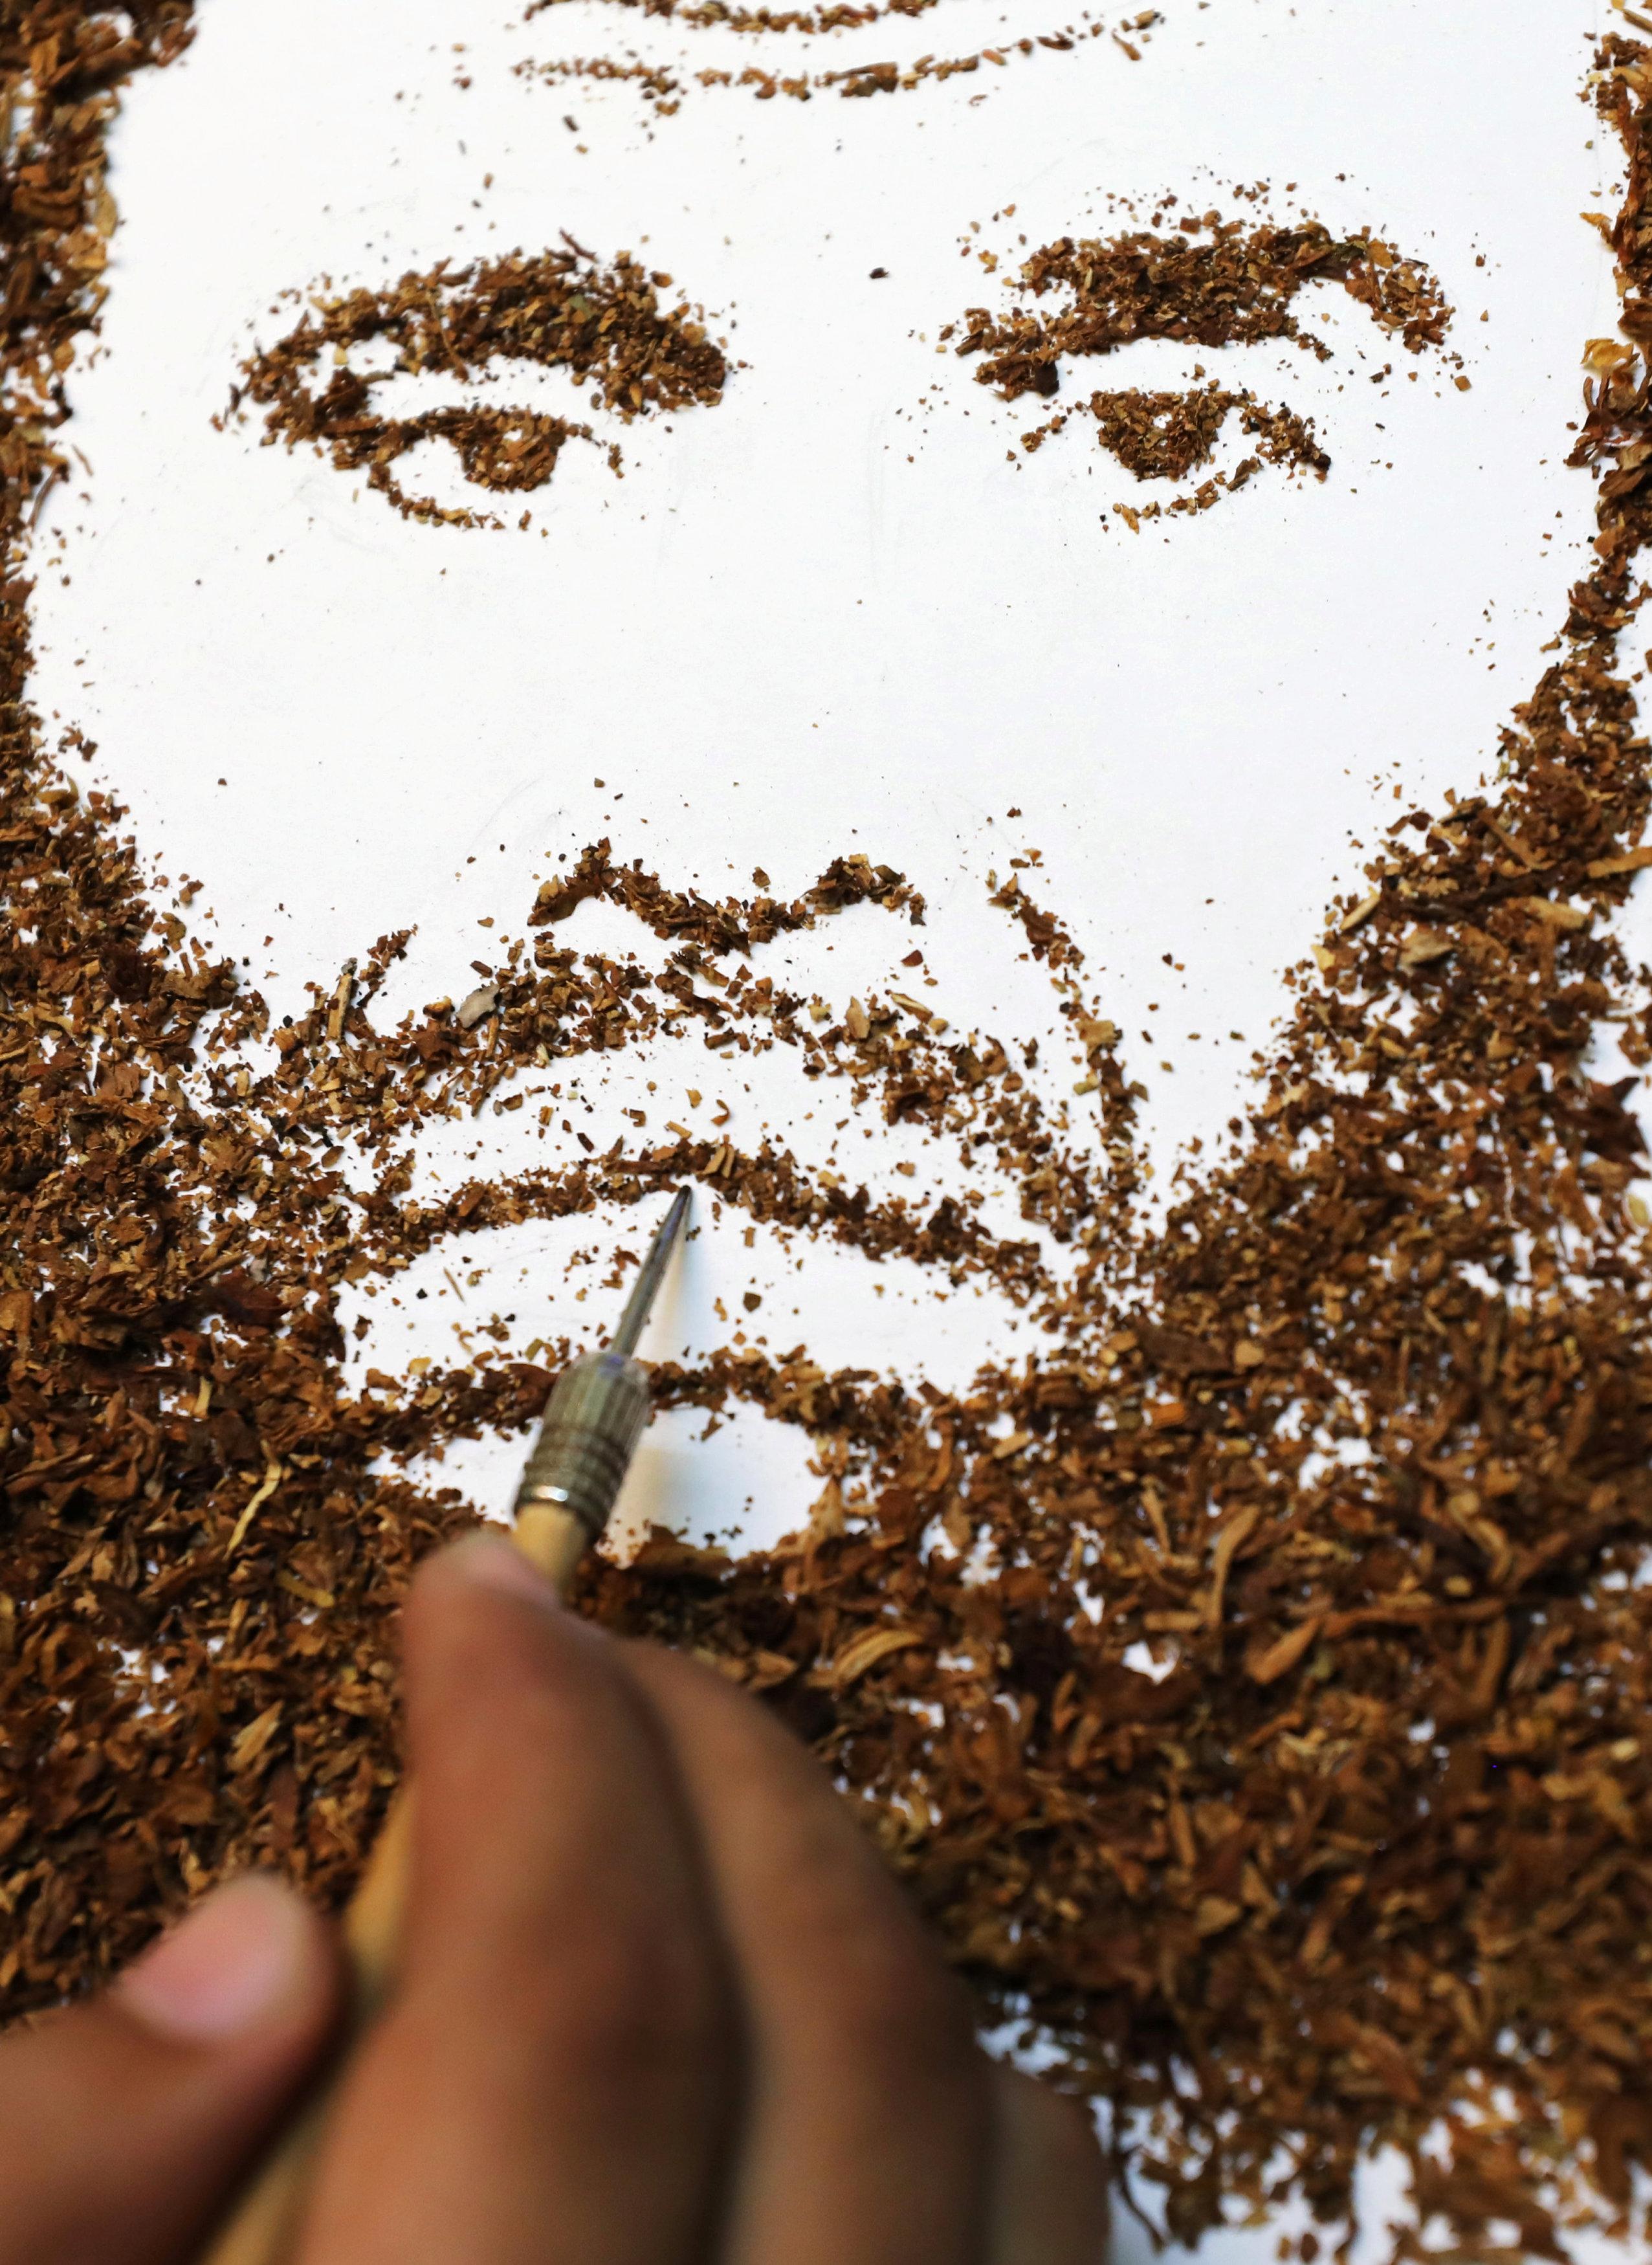 عبد الرحمن الحبروك يرسم بالتبغ